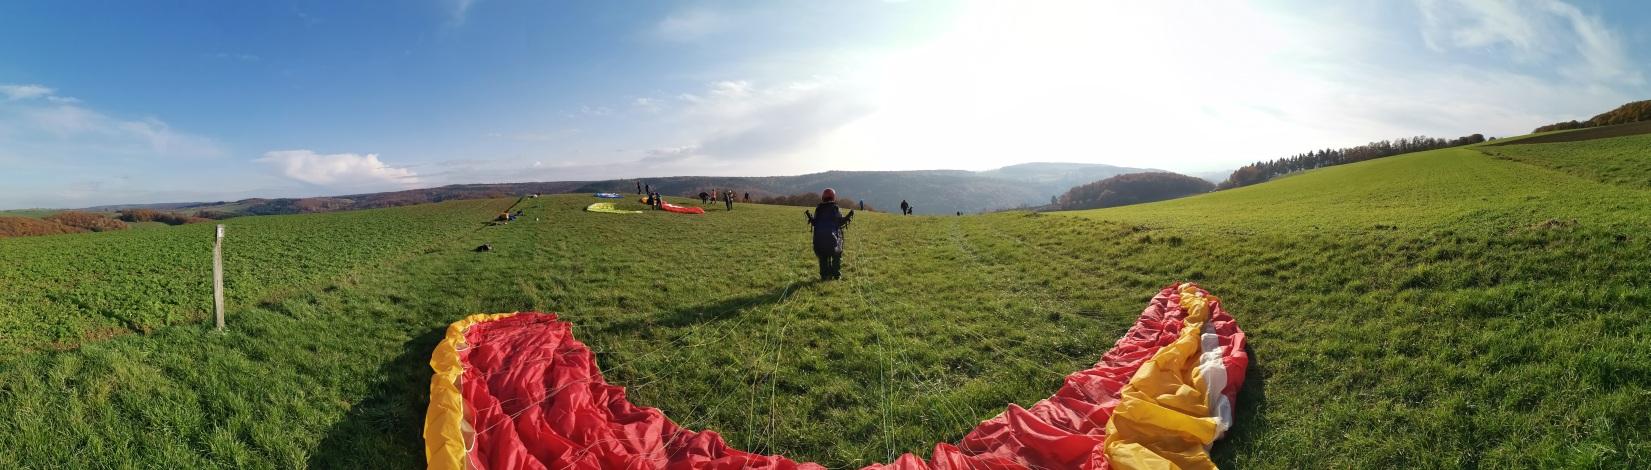 Paragliding-Hang